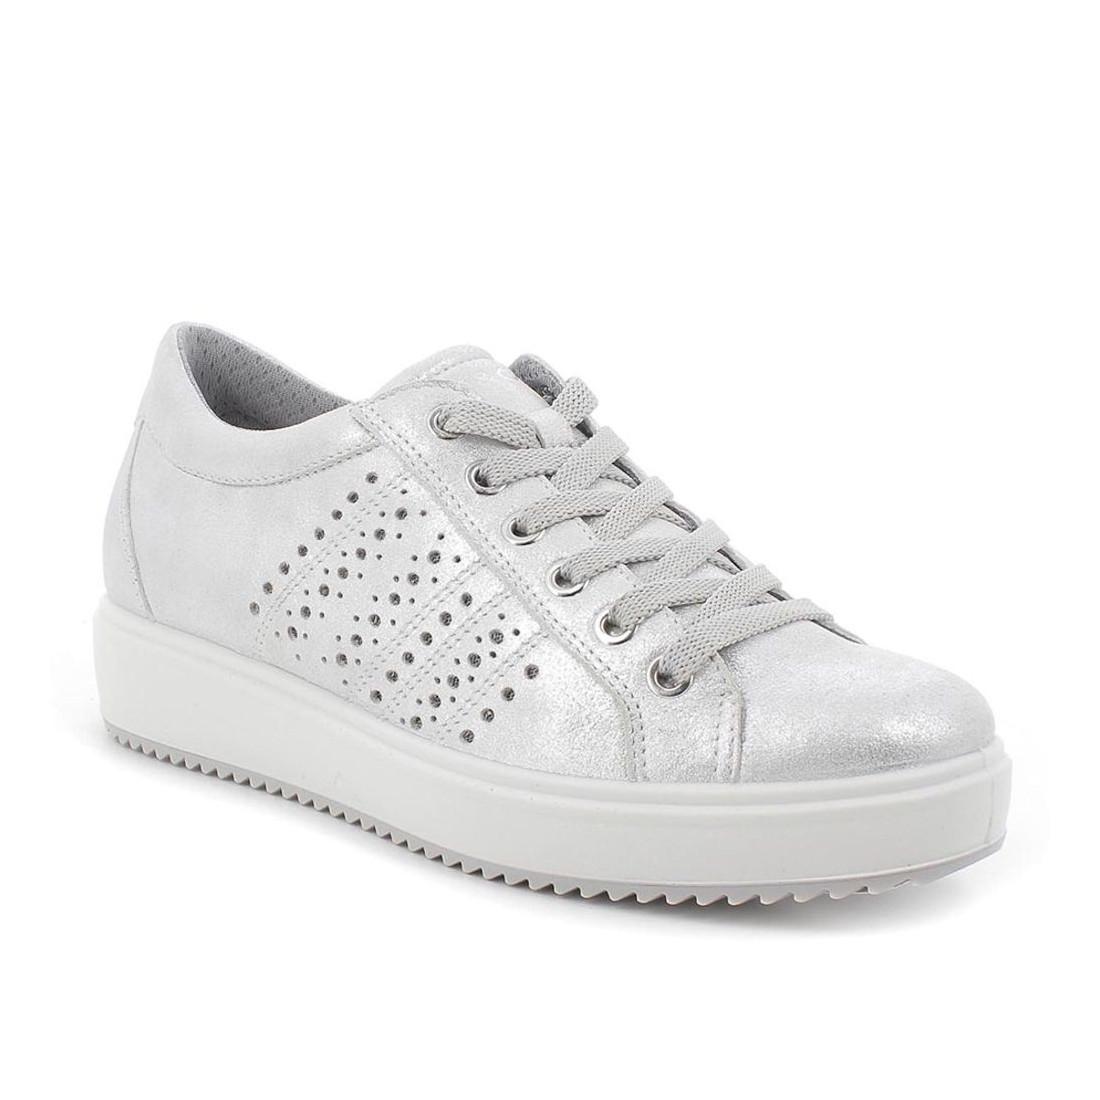 sneakers donna igico athena7155111 8686